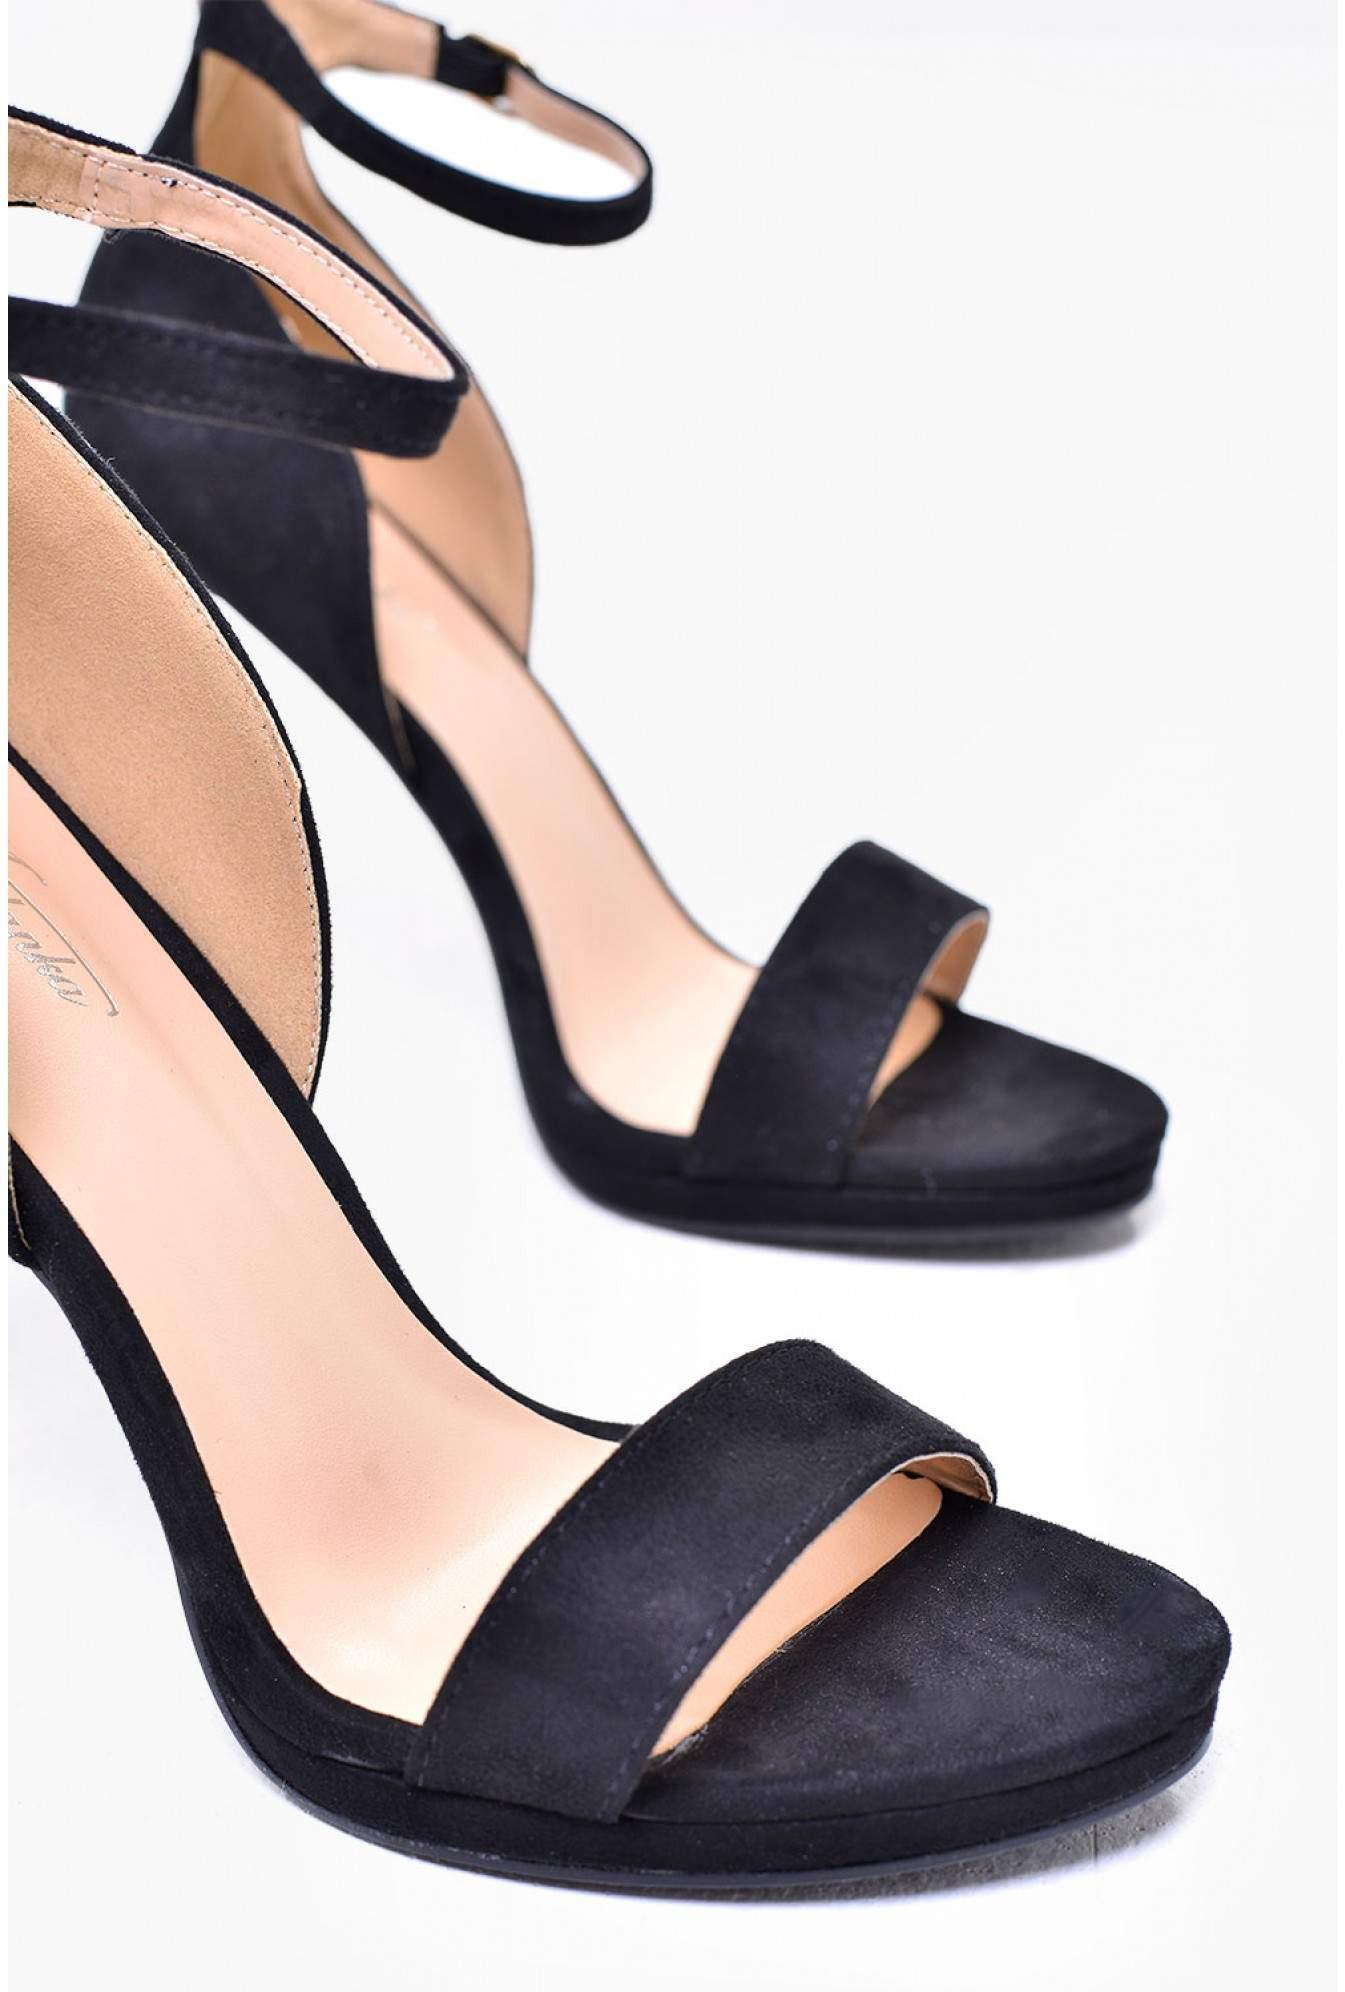 1864d9635af More Views. Nelly Ankle Strap Platform Sandals in Black